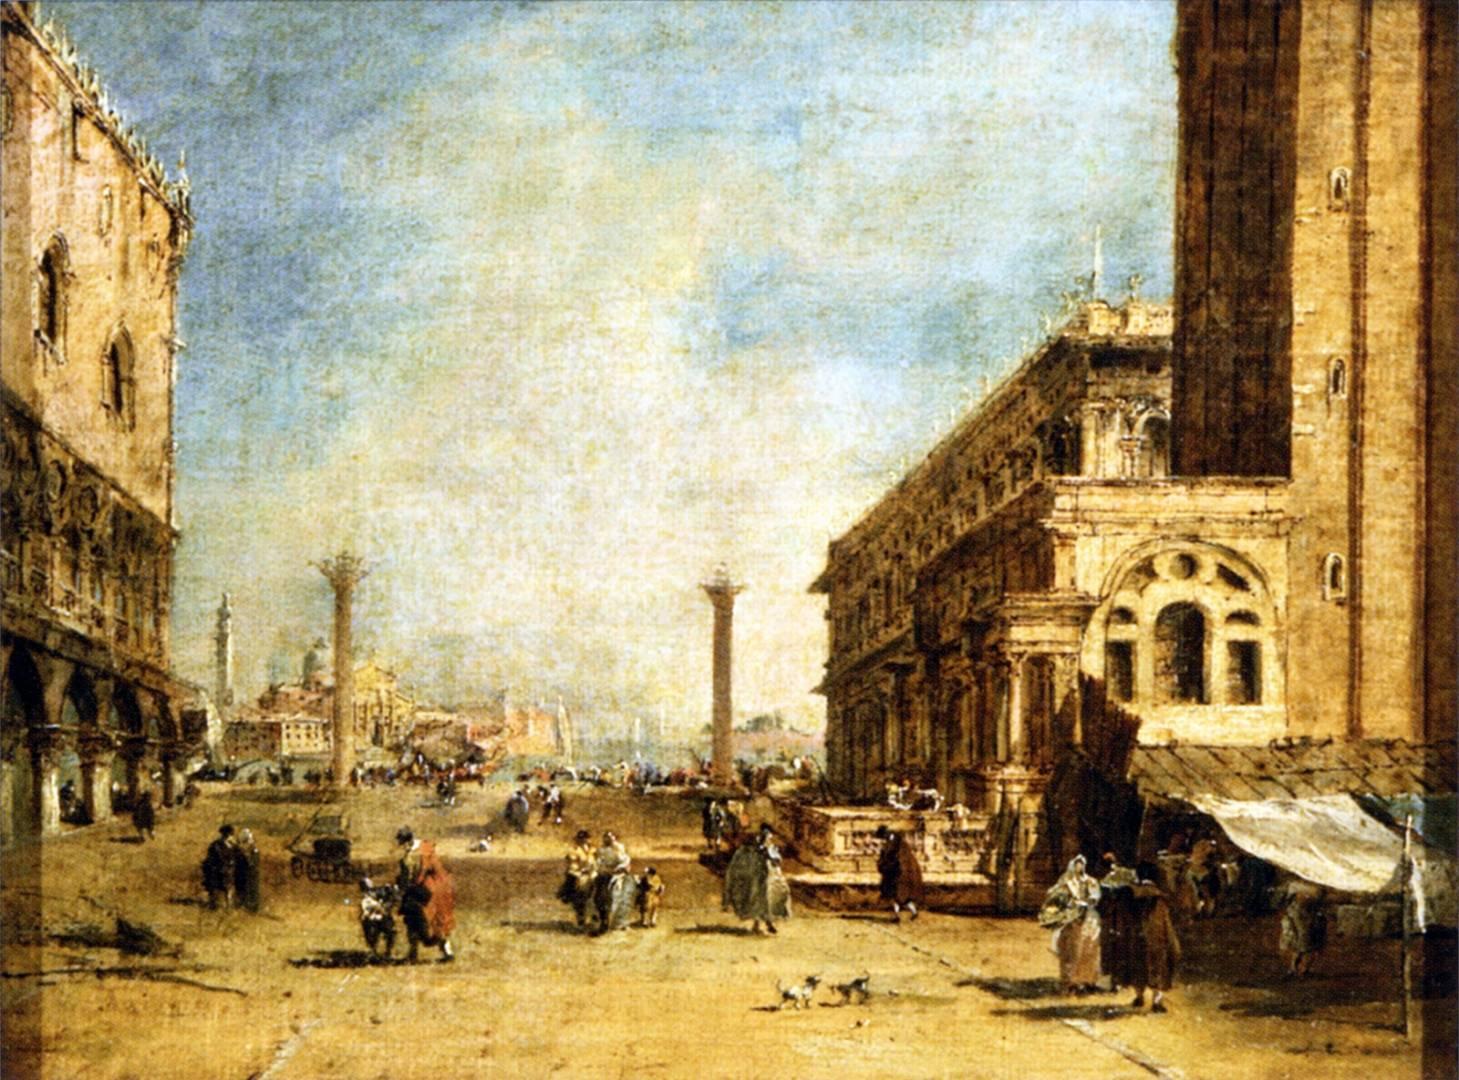 Выставка венецианских мастеров XVIII века откроется в Нижегородском художественном музее 30 июня